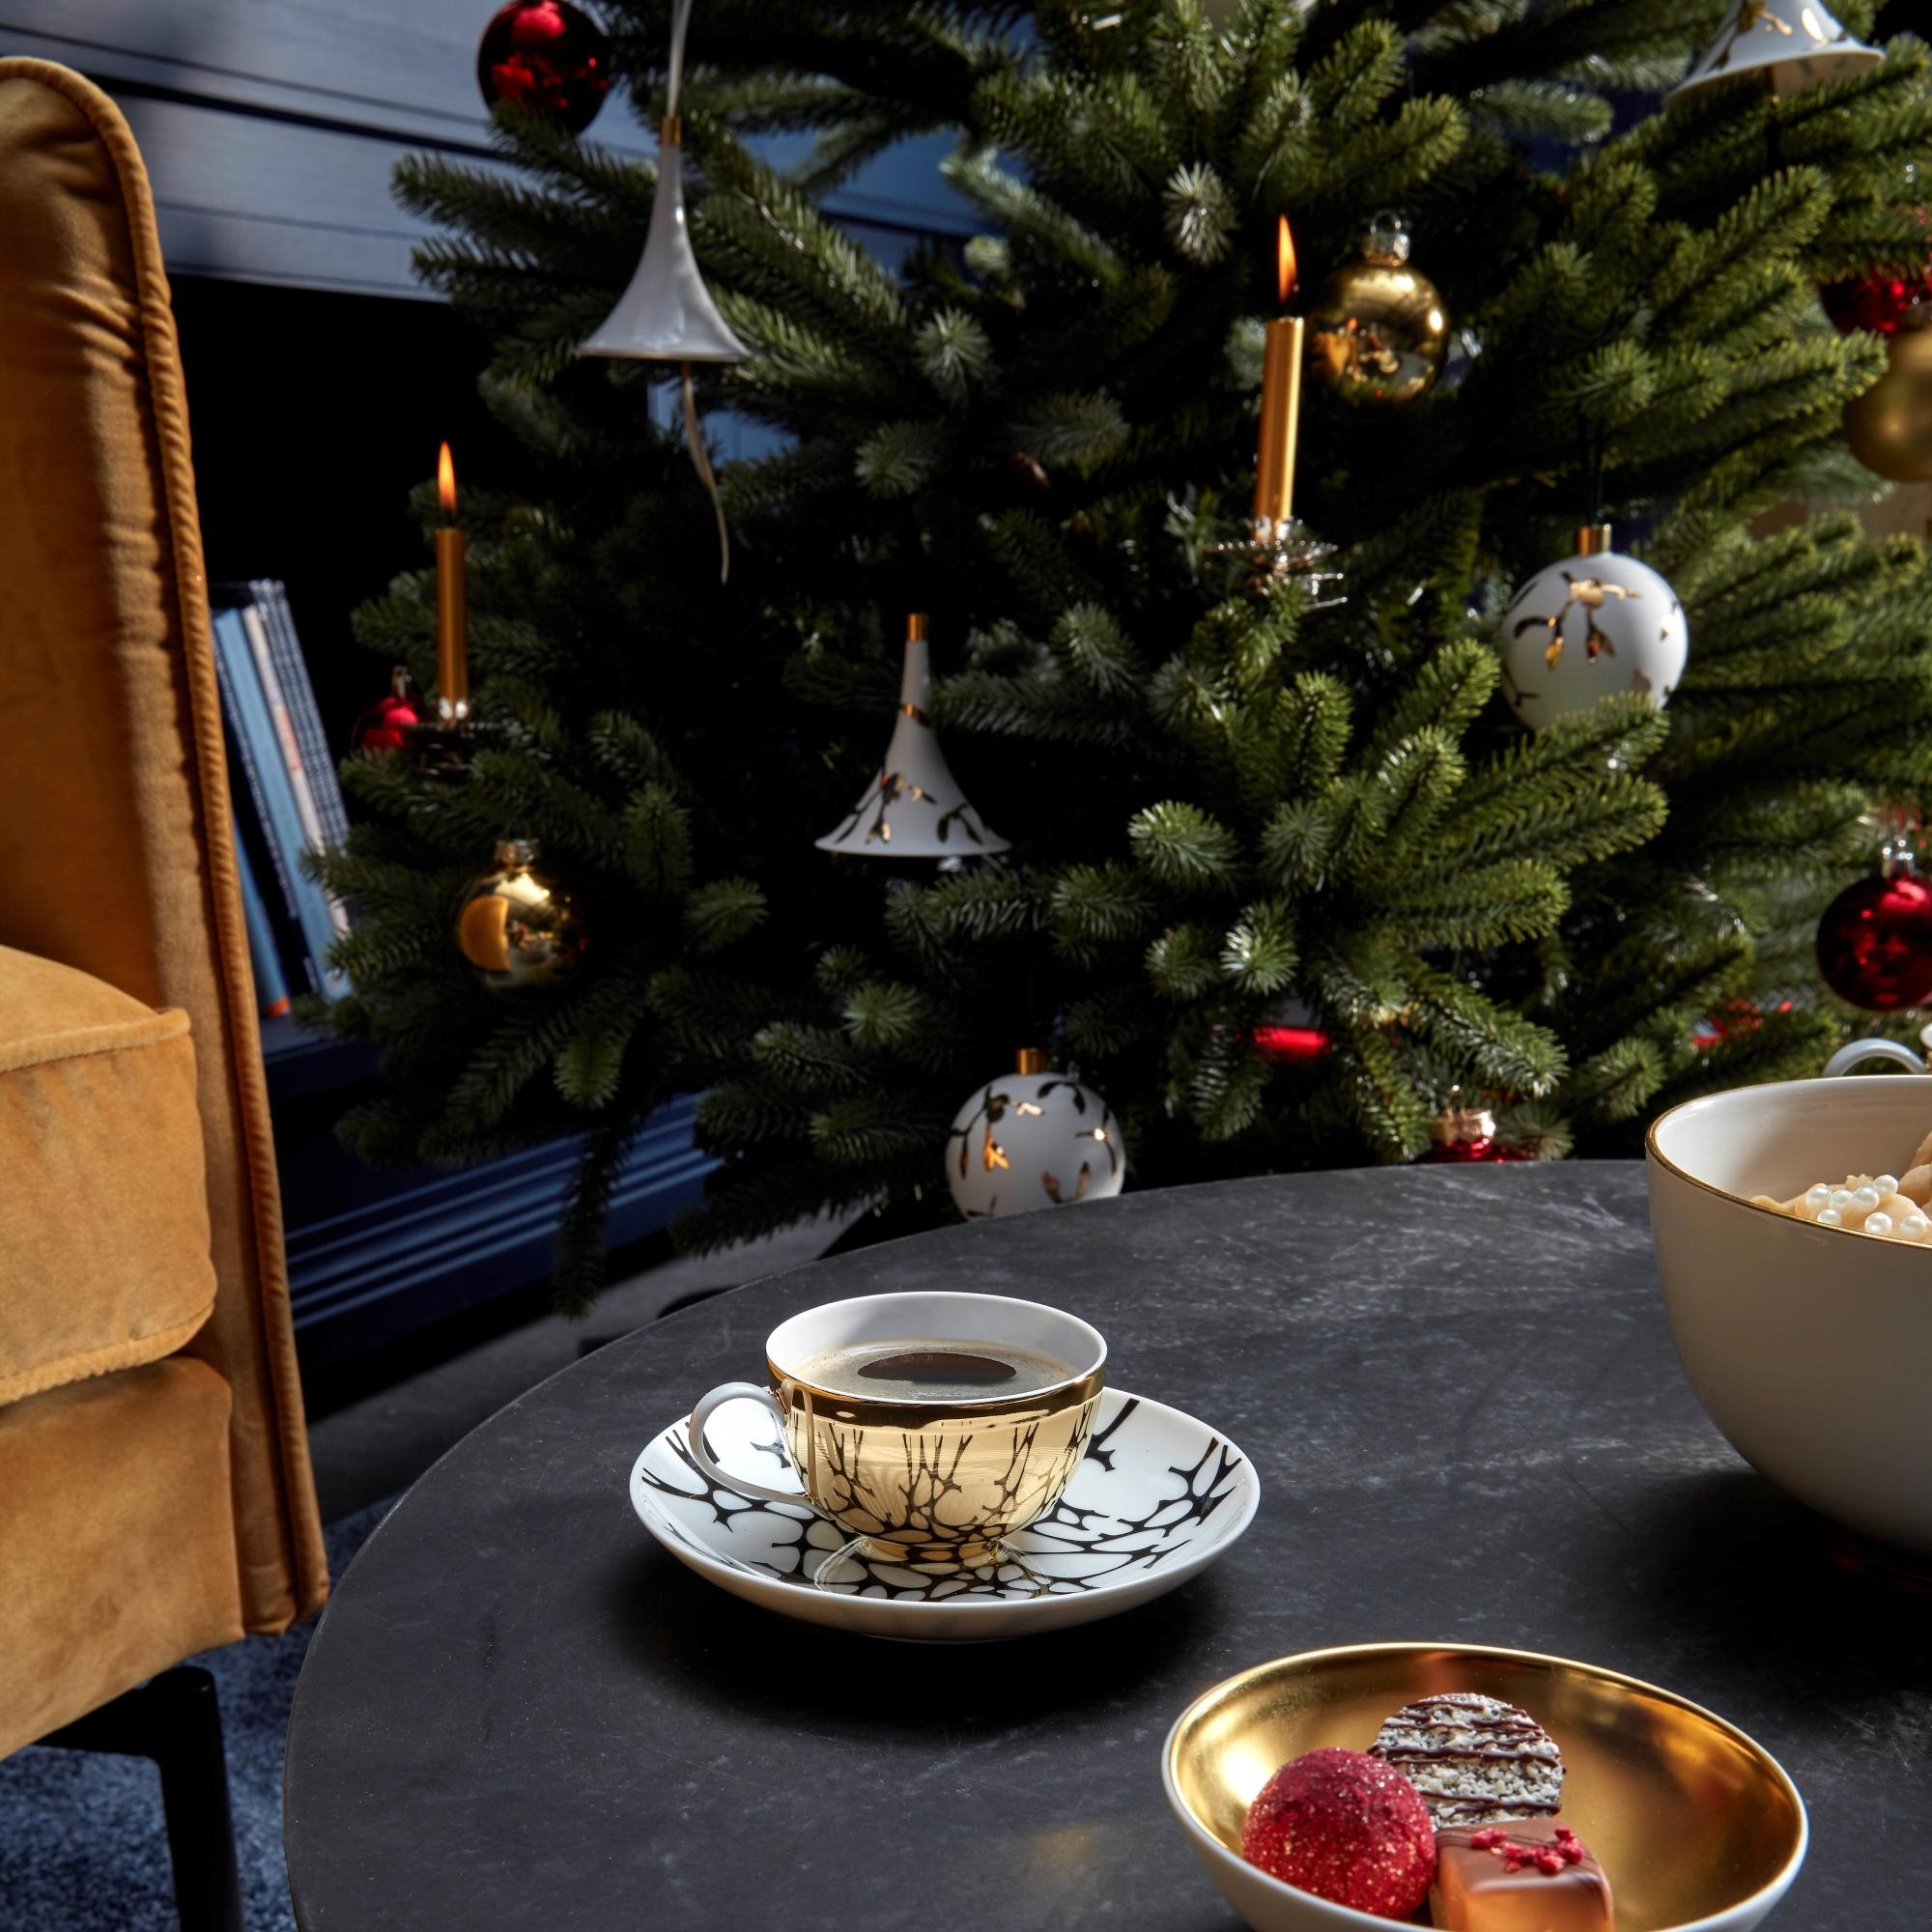 Weihnachtsdeko Weisses Porzellan.3 Tipps Für Die Festliche Weihnachtsdeko